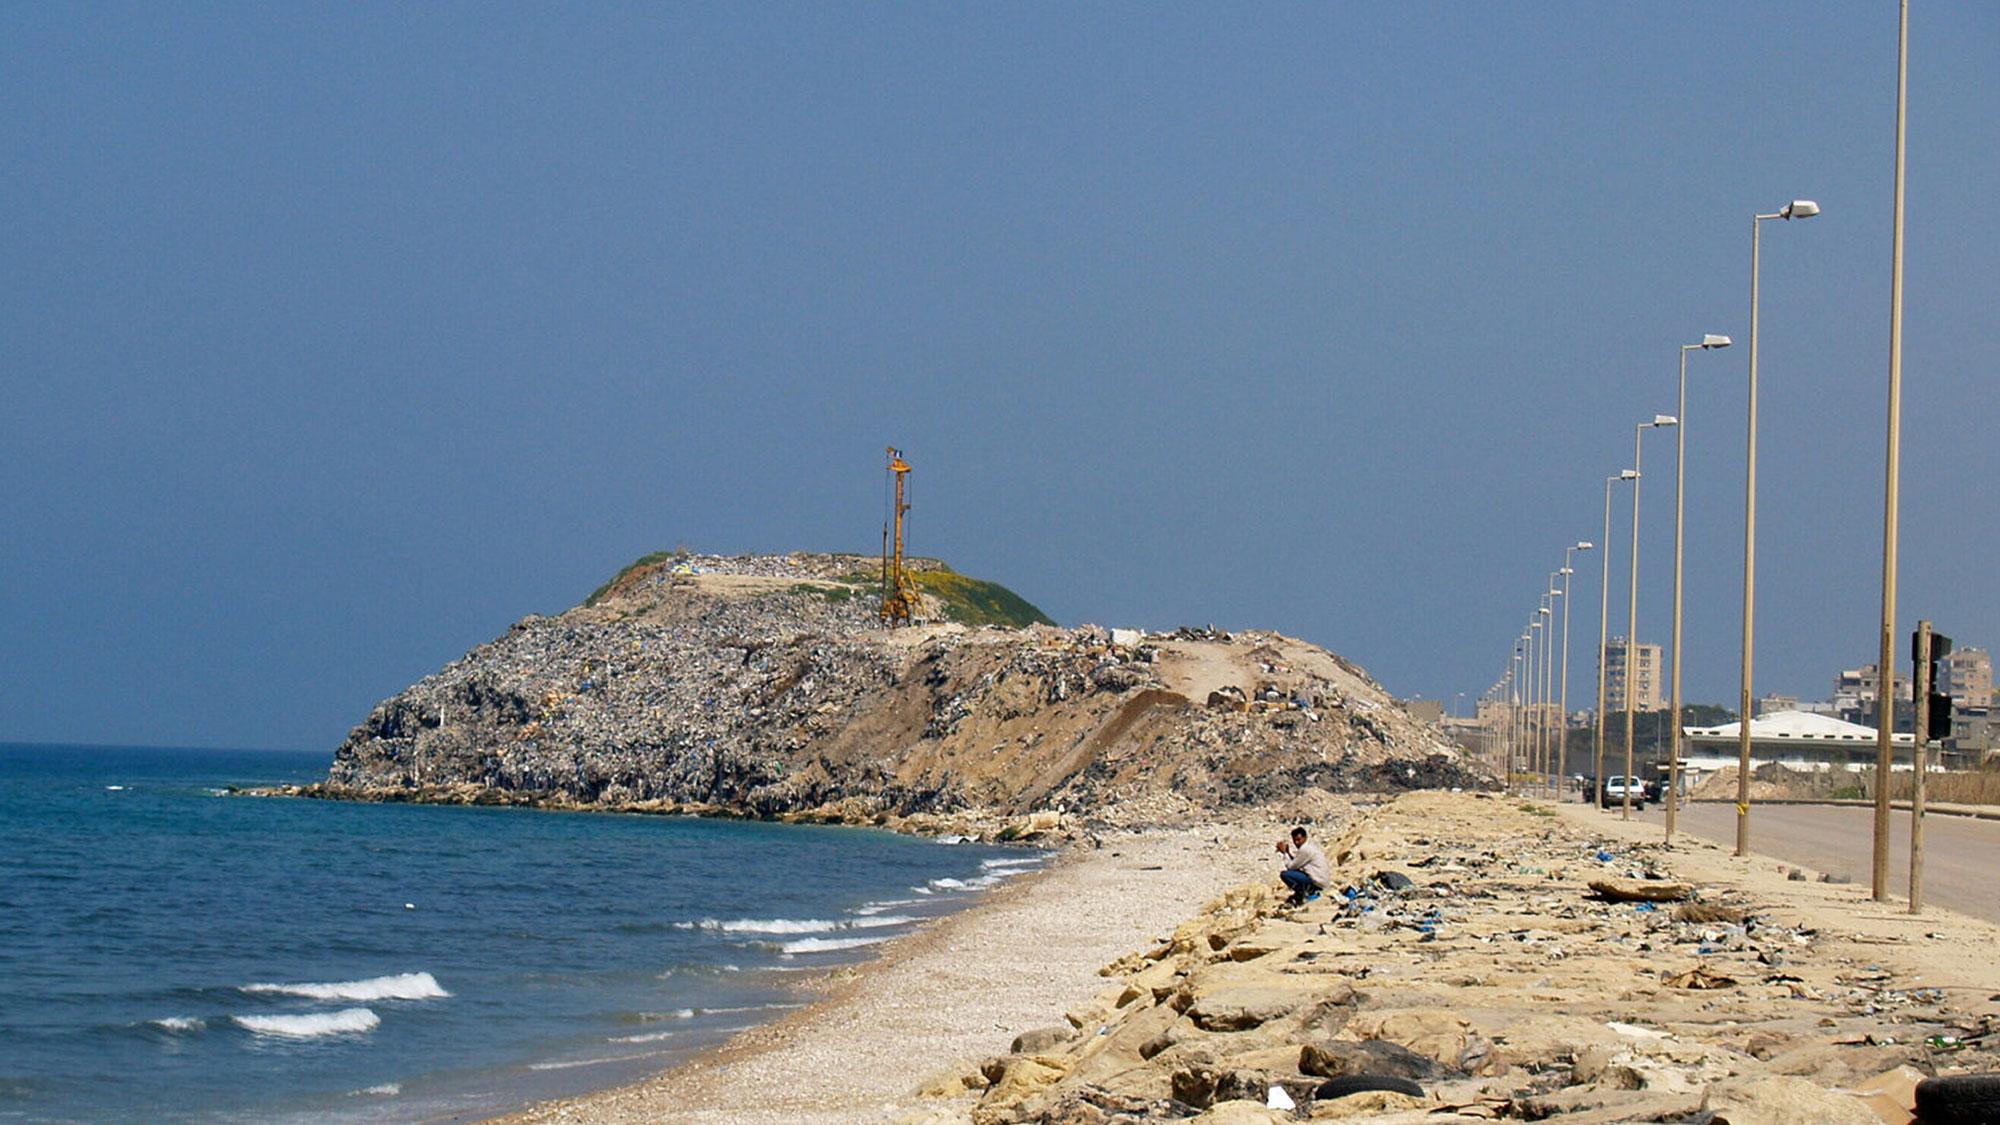 Sidon废物存储排序和回收